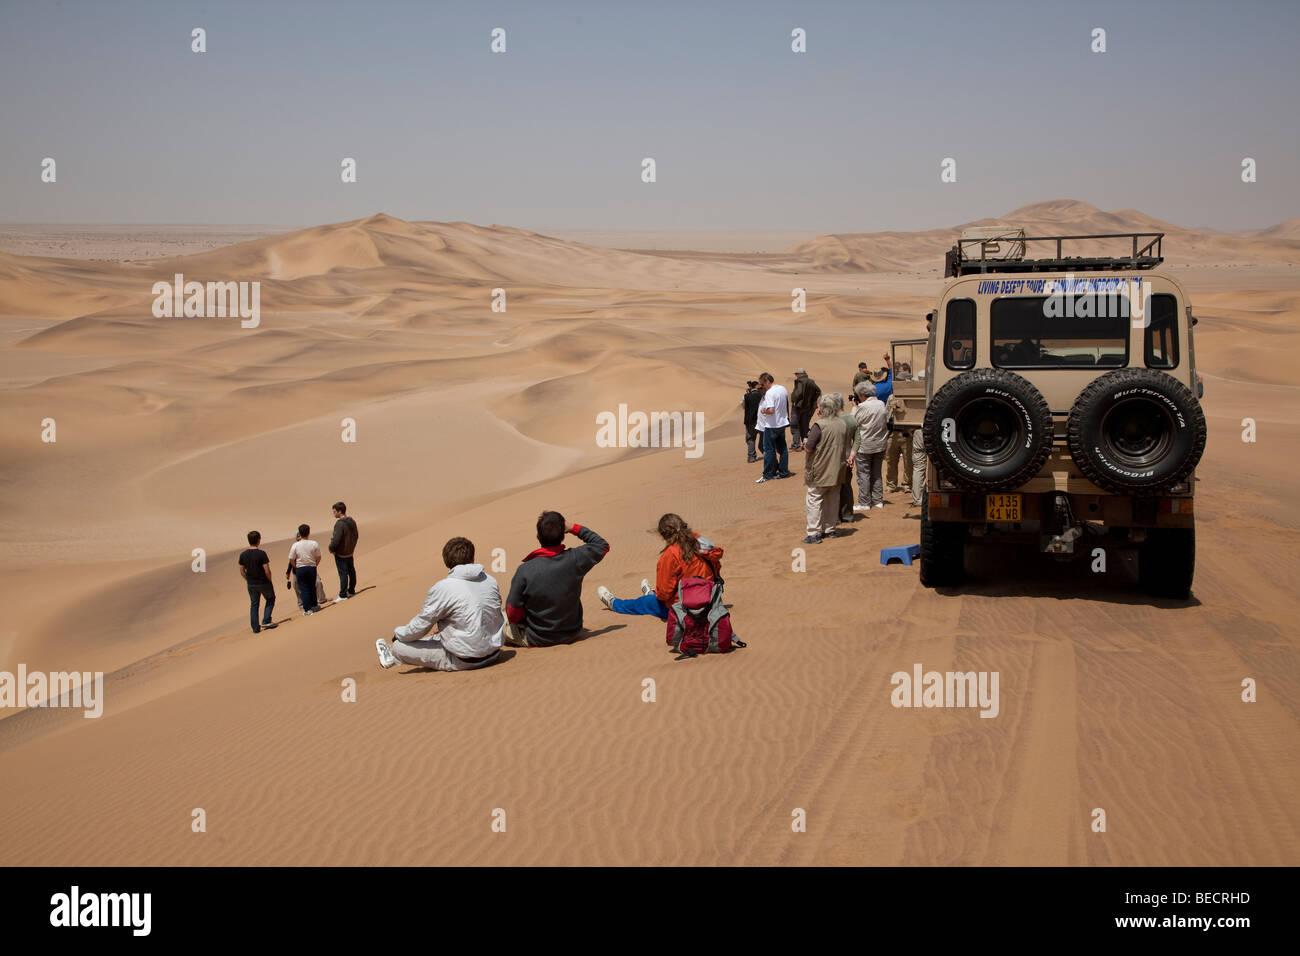 Touristen zwischen Sanddünen in der Nähe von Swakopmund, Namib-Wüste, Namibia, Afrika Stockbild